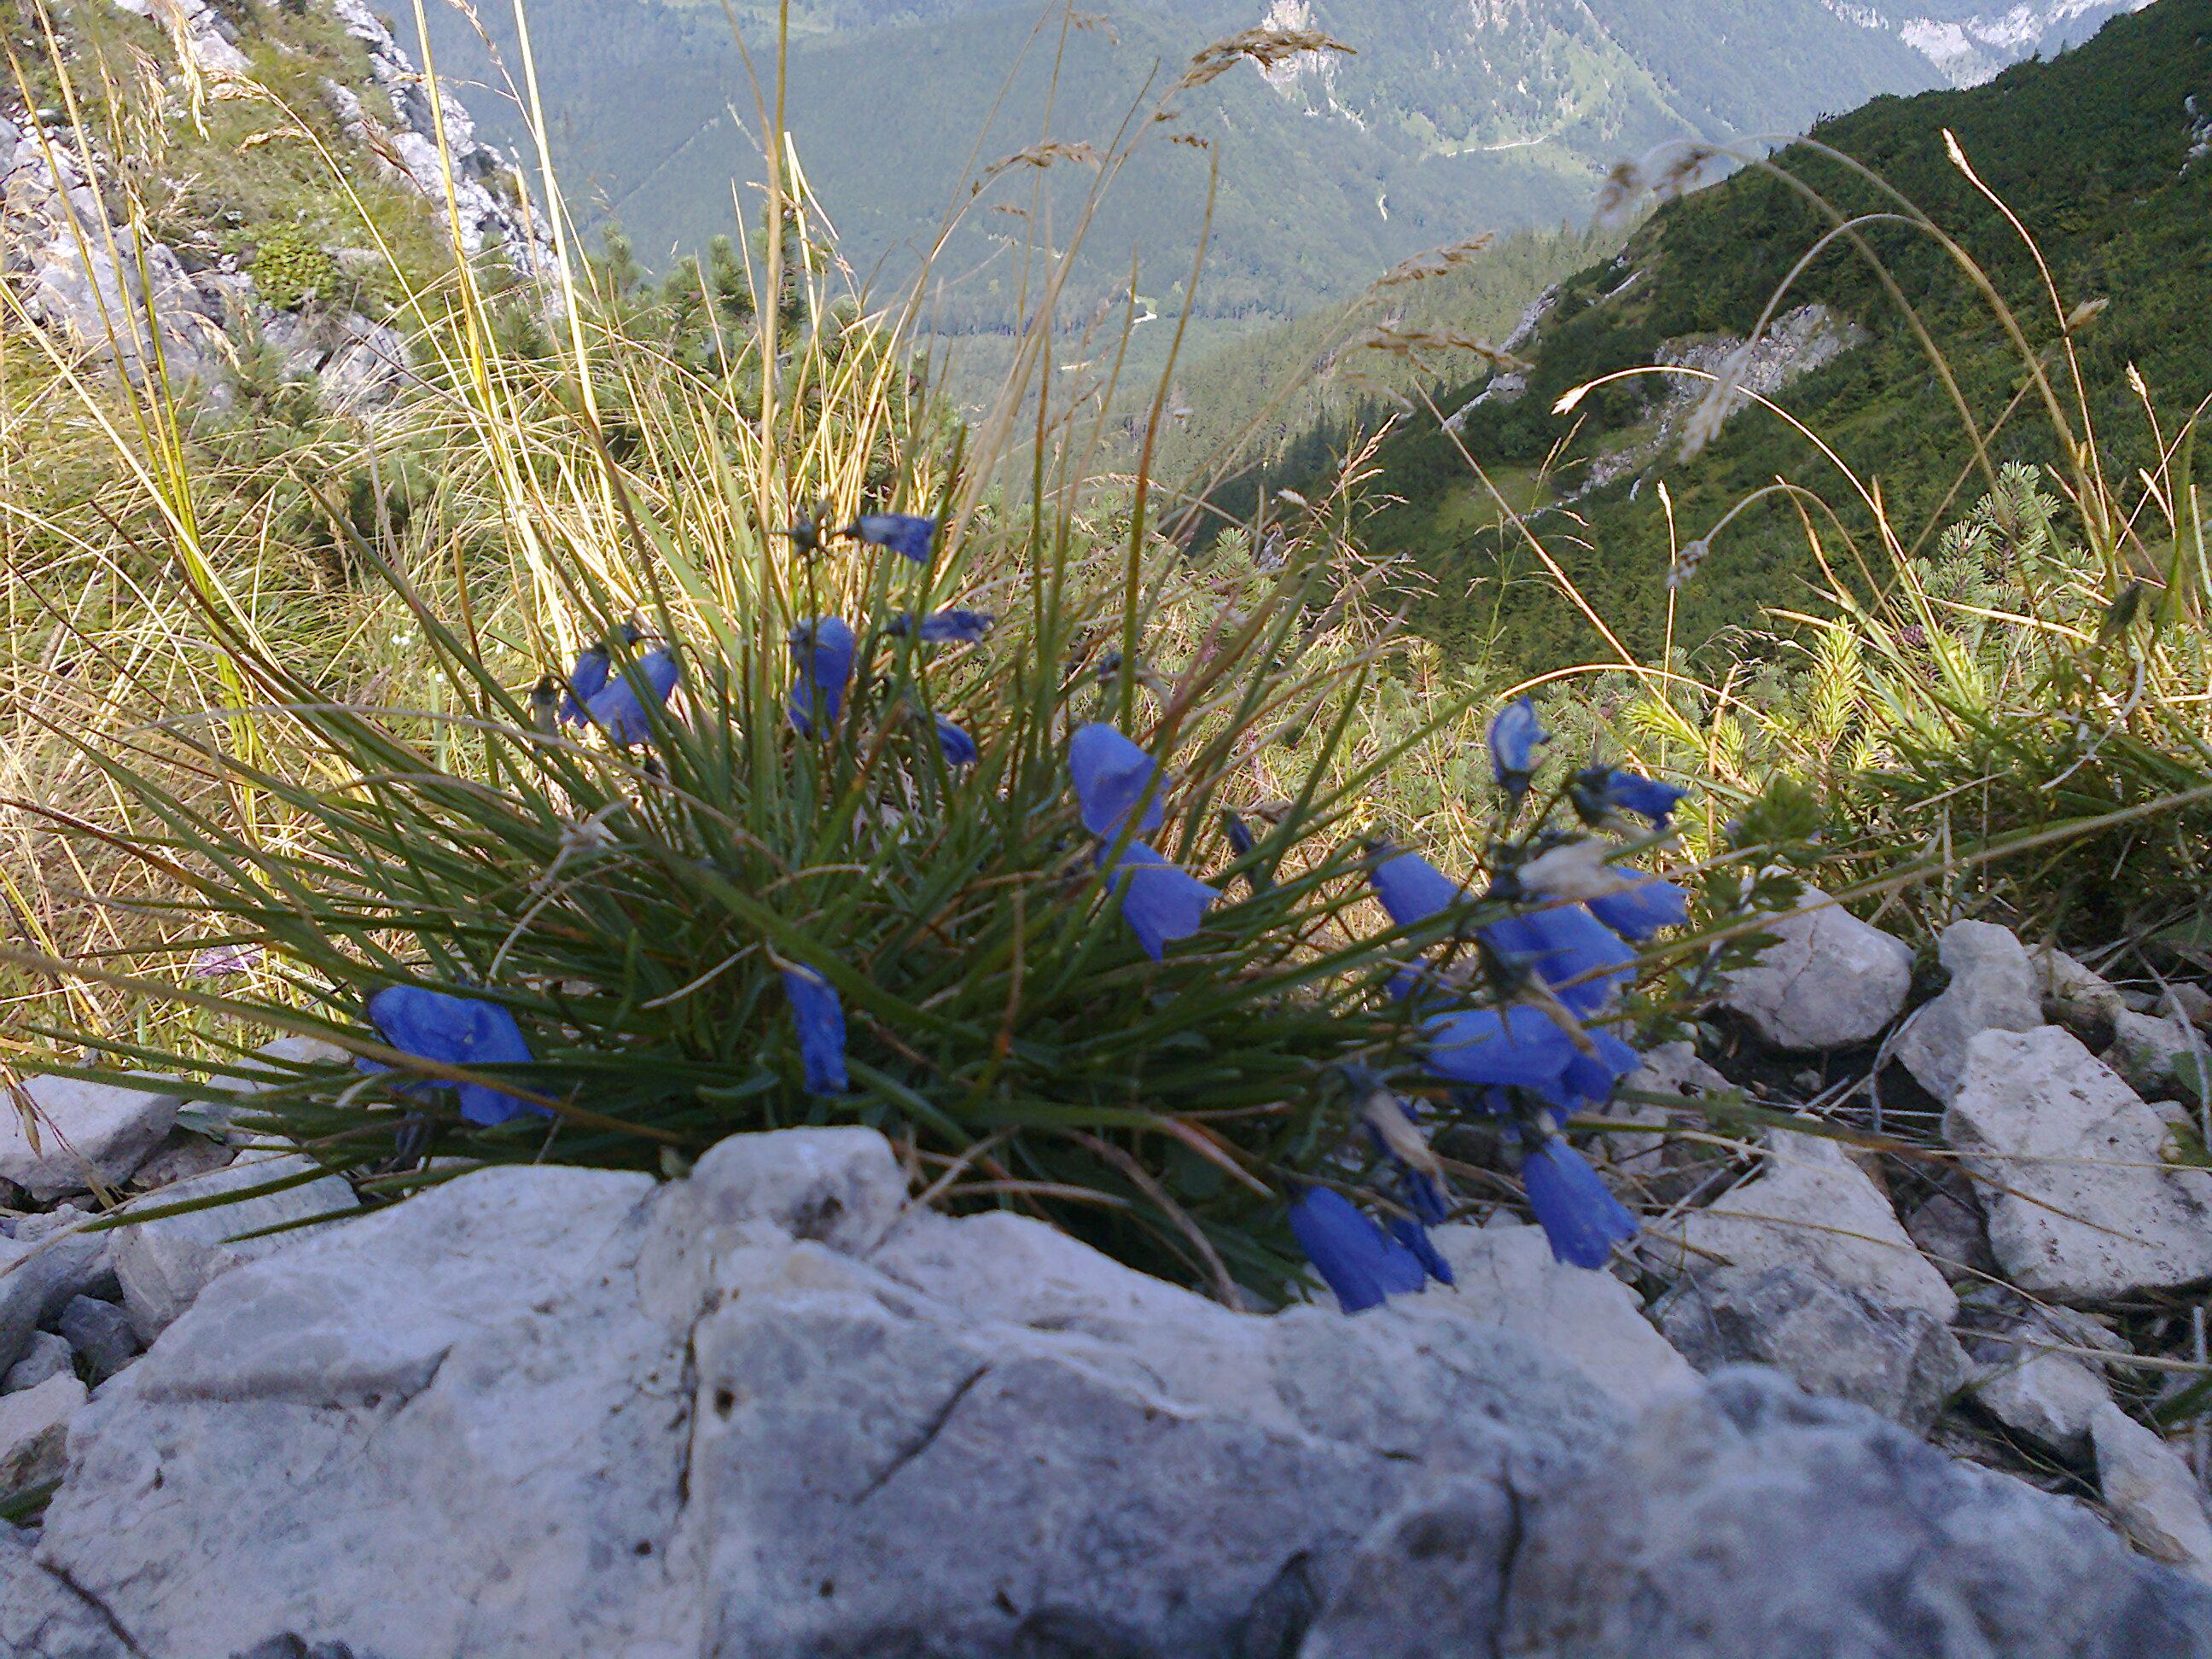 Bunte Bilder im                                         Blumenmeer